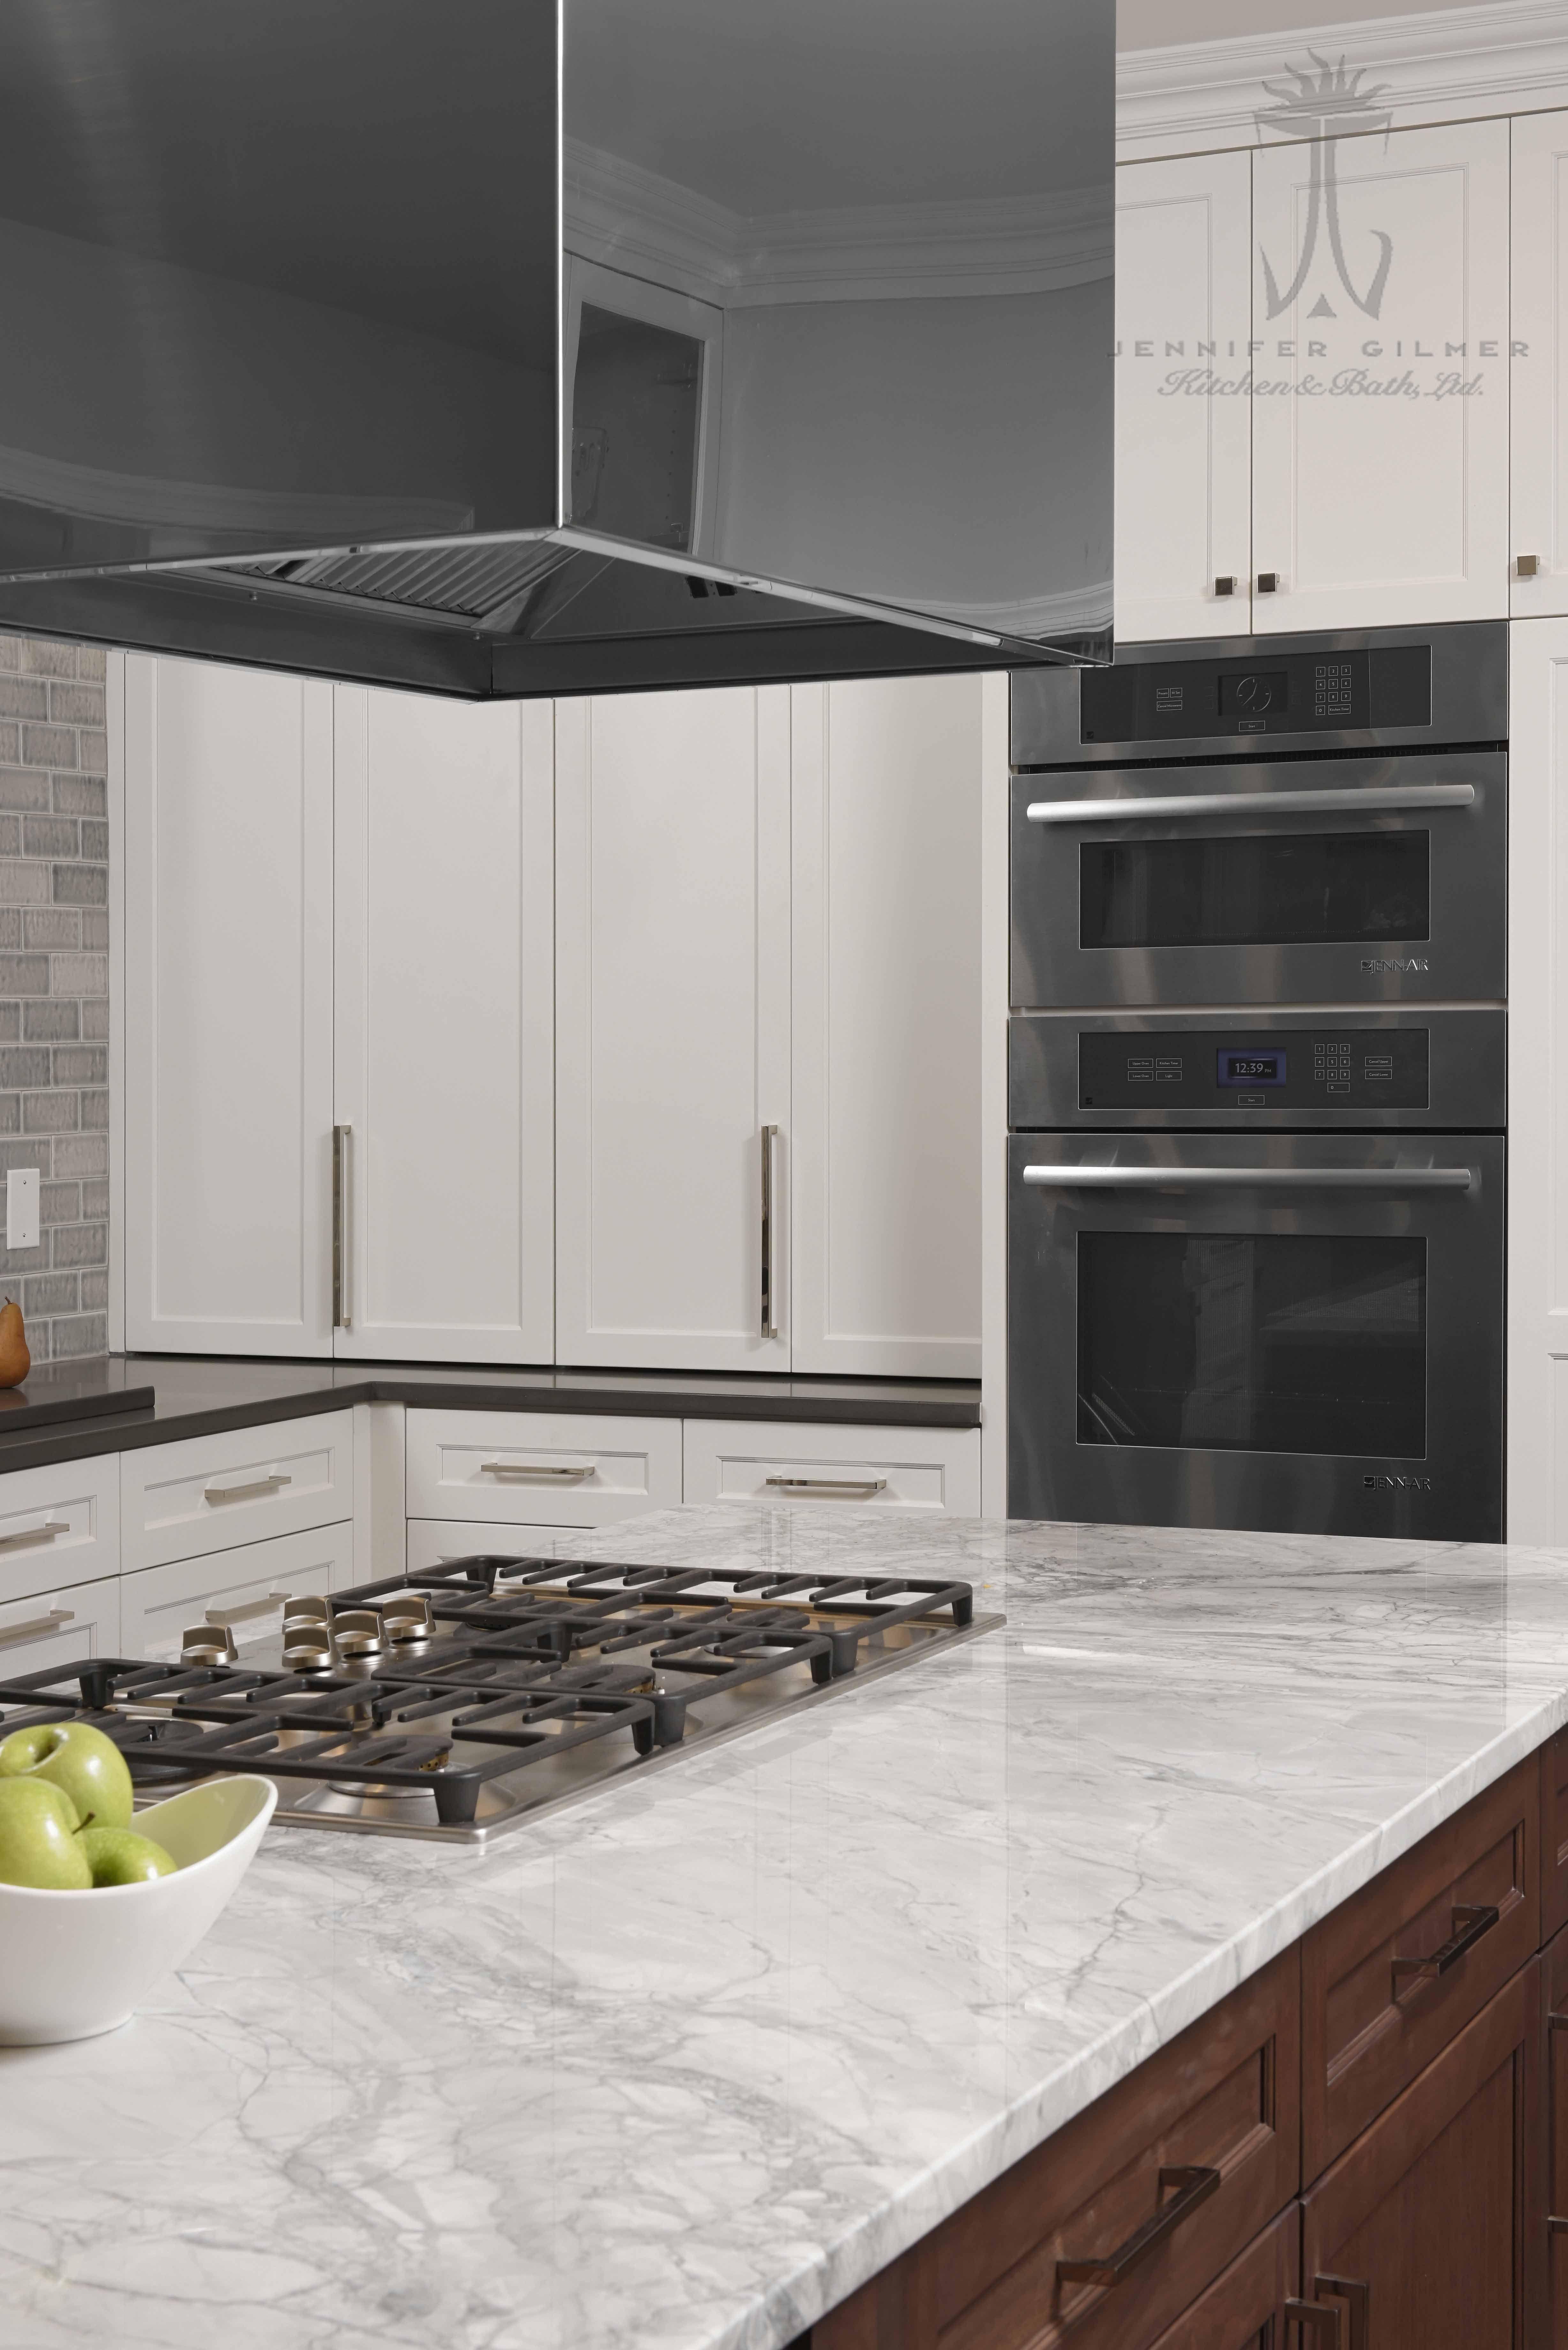 Design By Paulbentham4jennifergilmer In Bethesda Maryland Includes Rangecraft Custom Island Hood With Mirror Kitchen And Bath Design Kitchen And Bath Kitchen